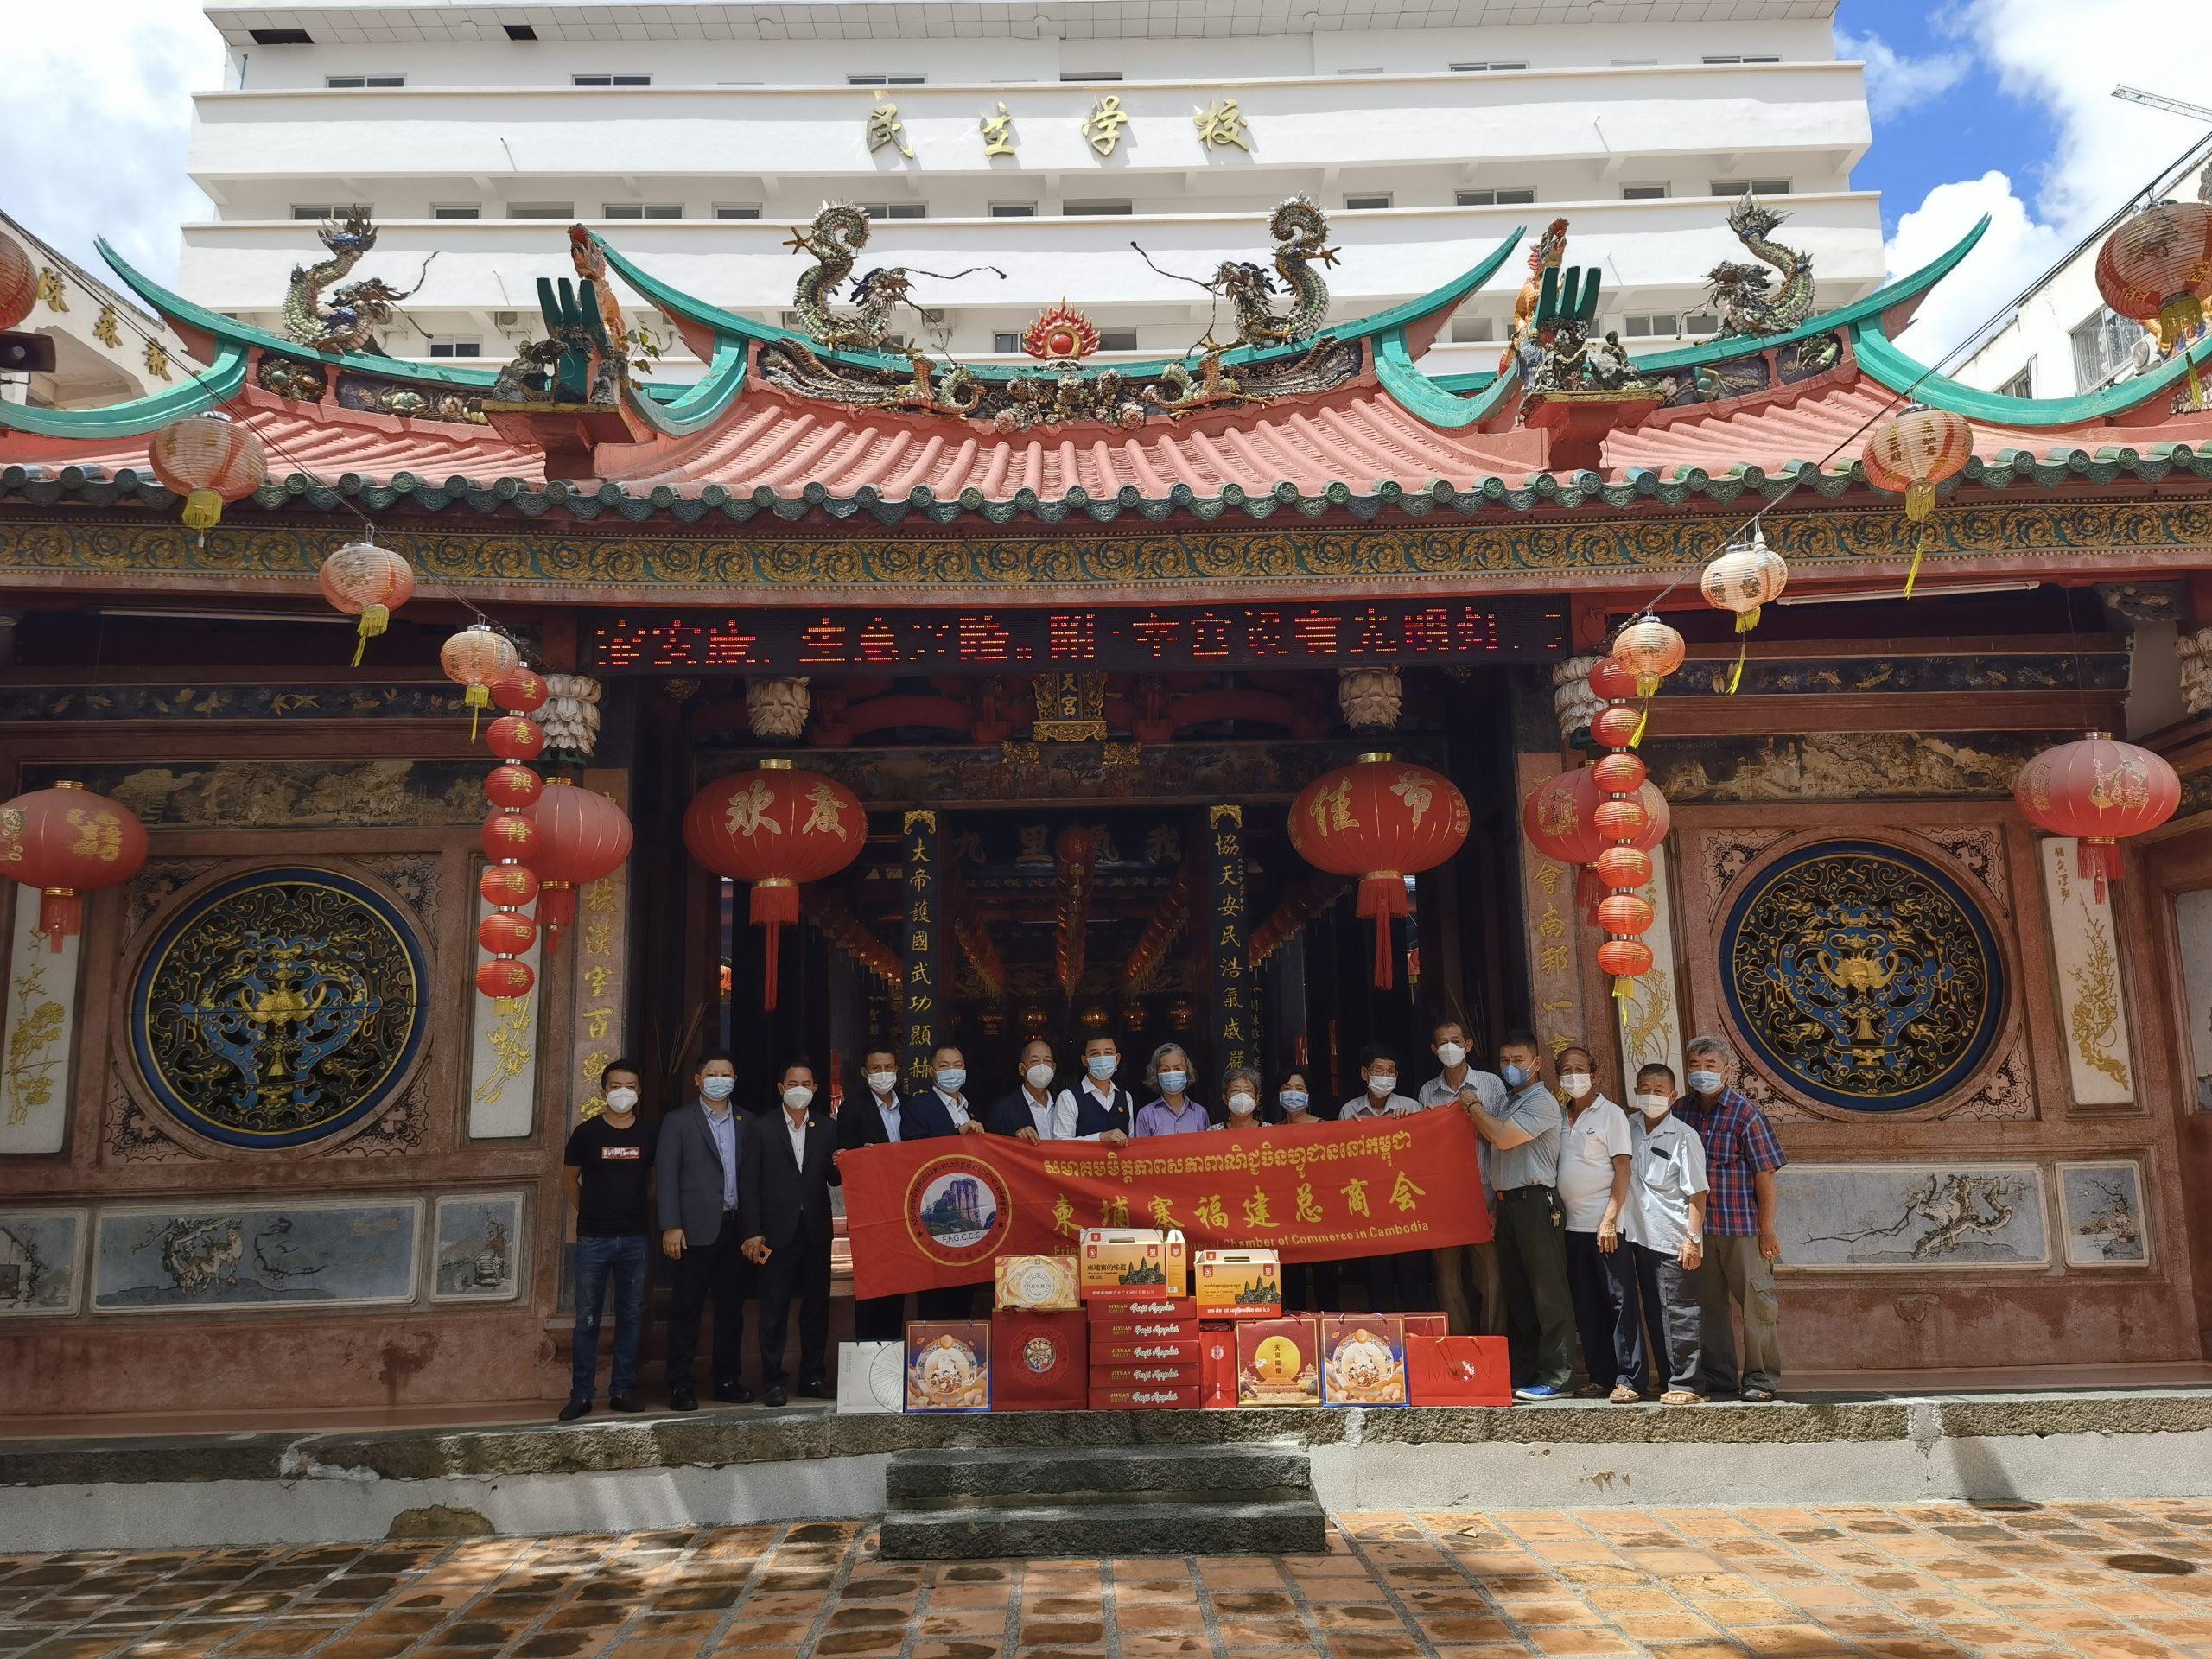 柬埔寨福建总商会拜访福建会馆送中秋祝福